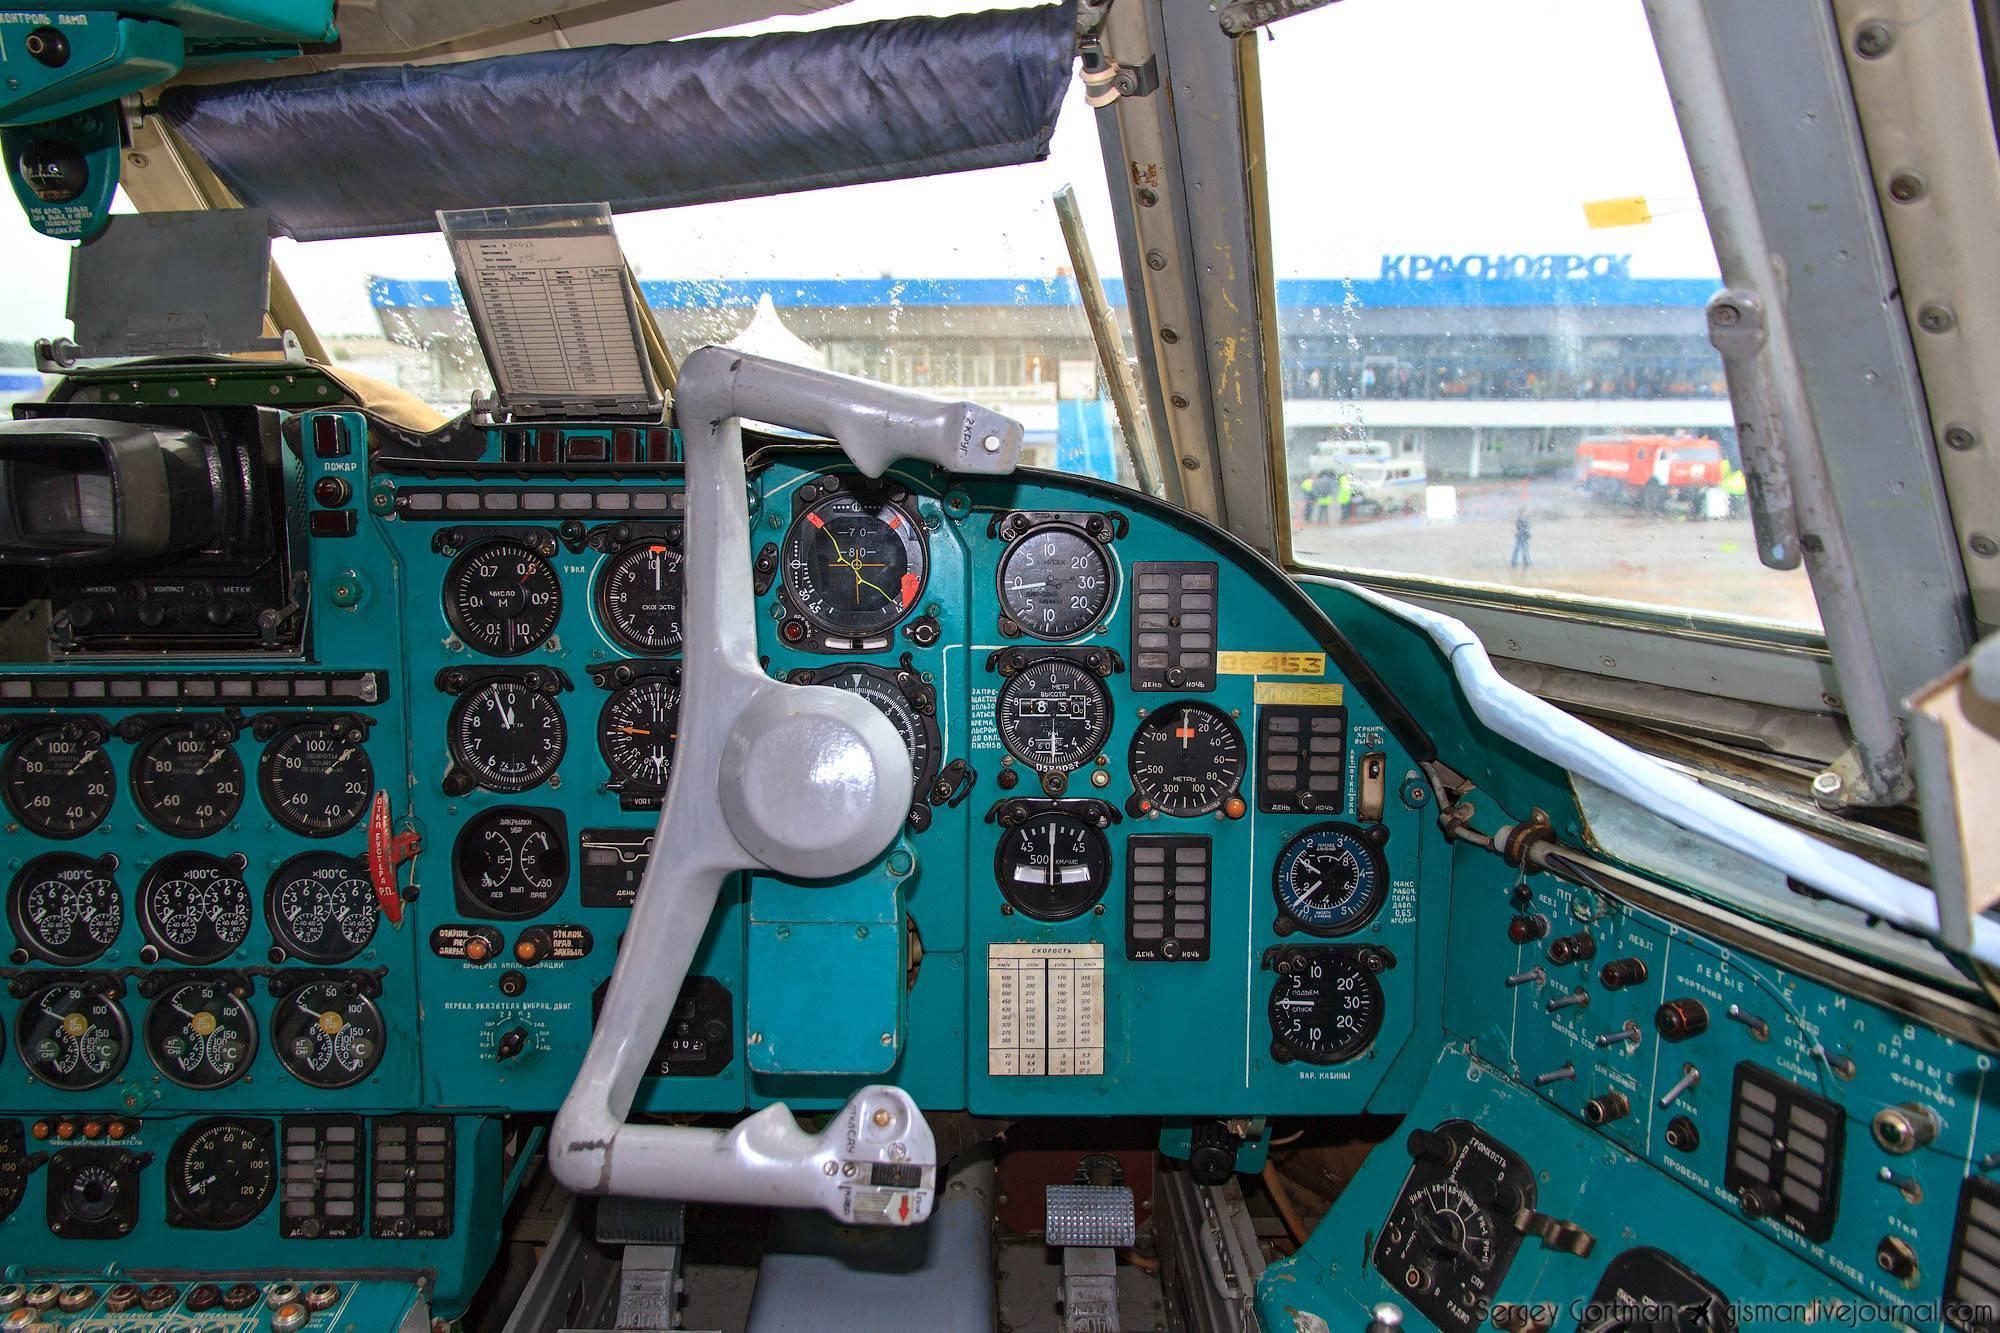 Самолет ил-62 — флагман советского союза в небе